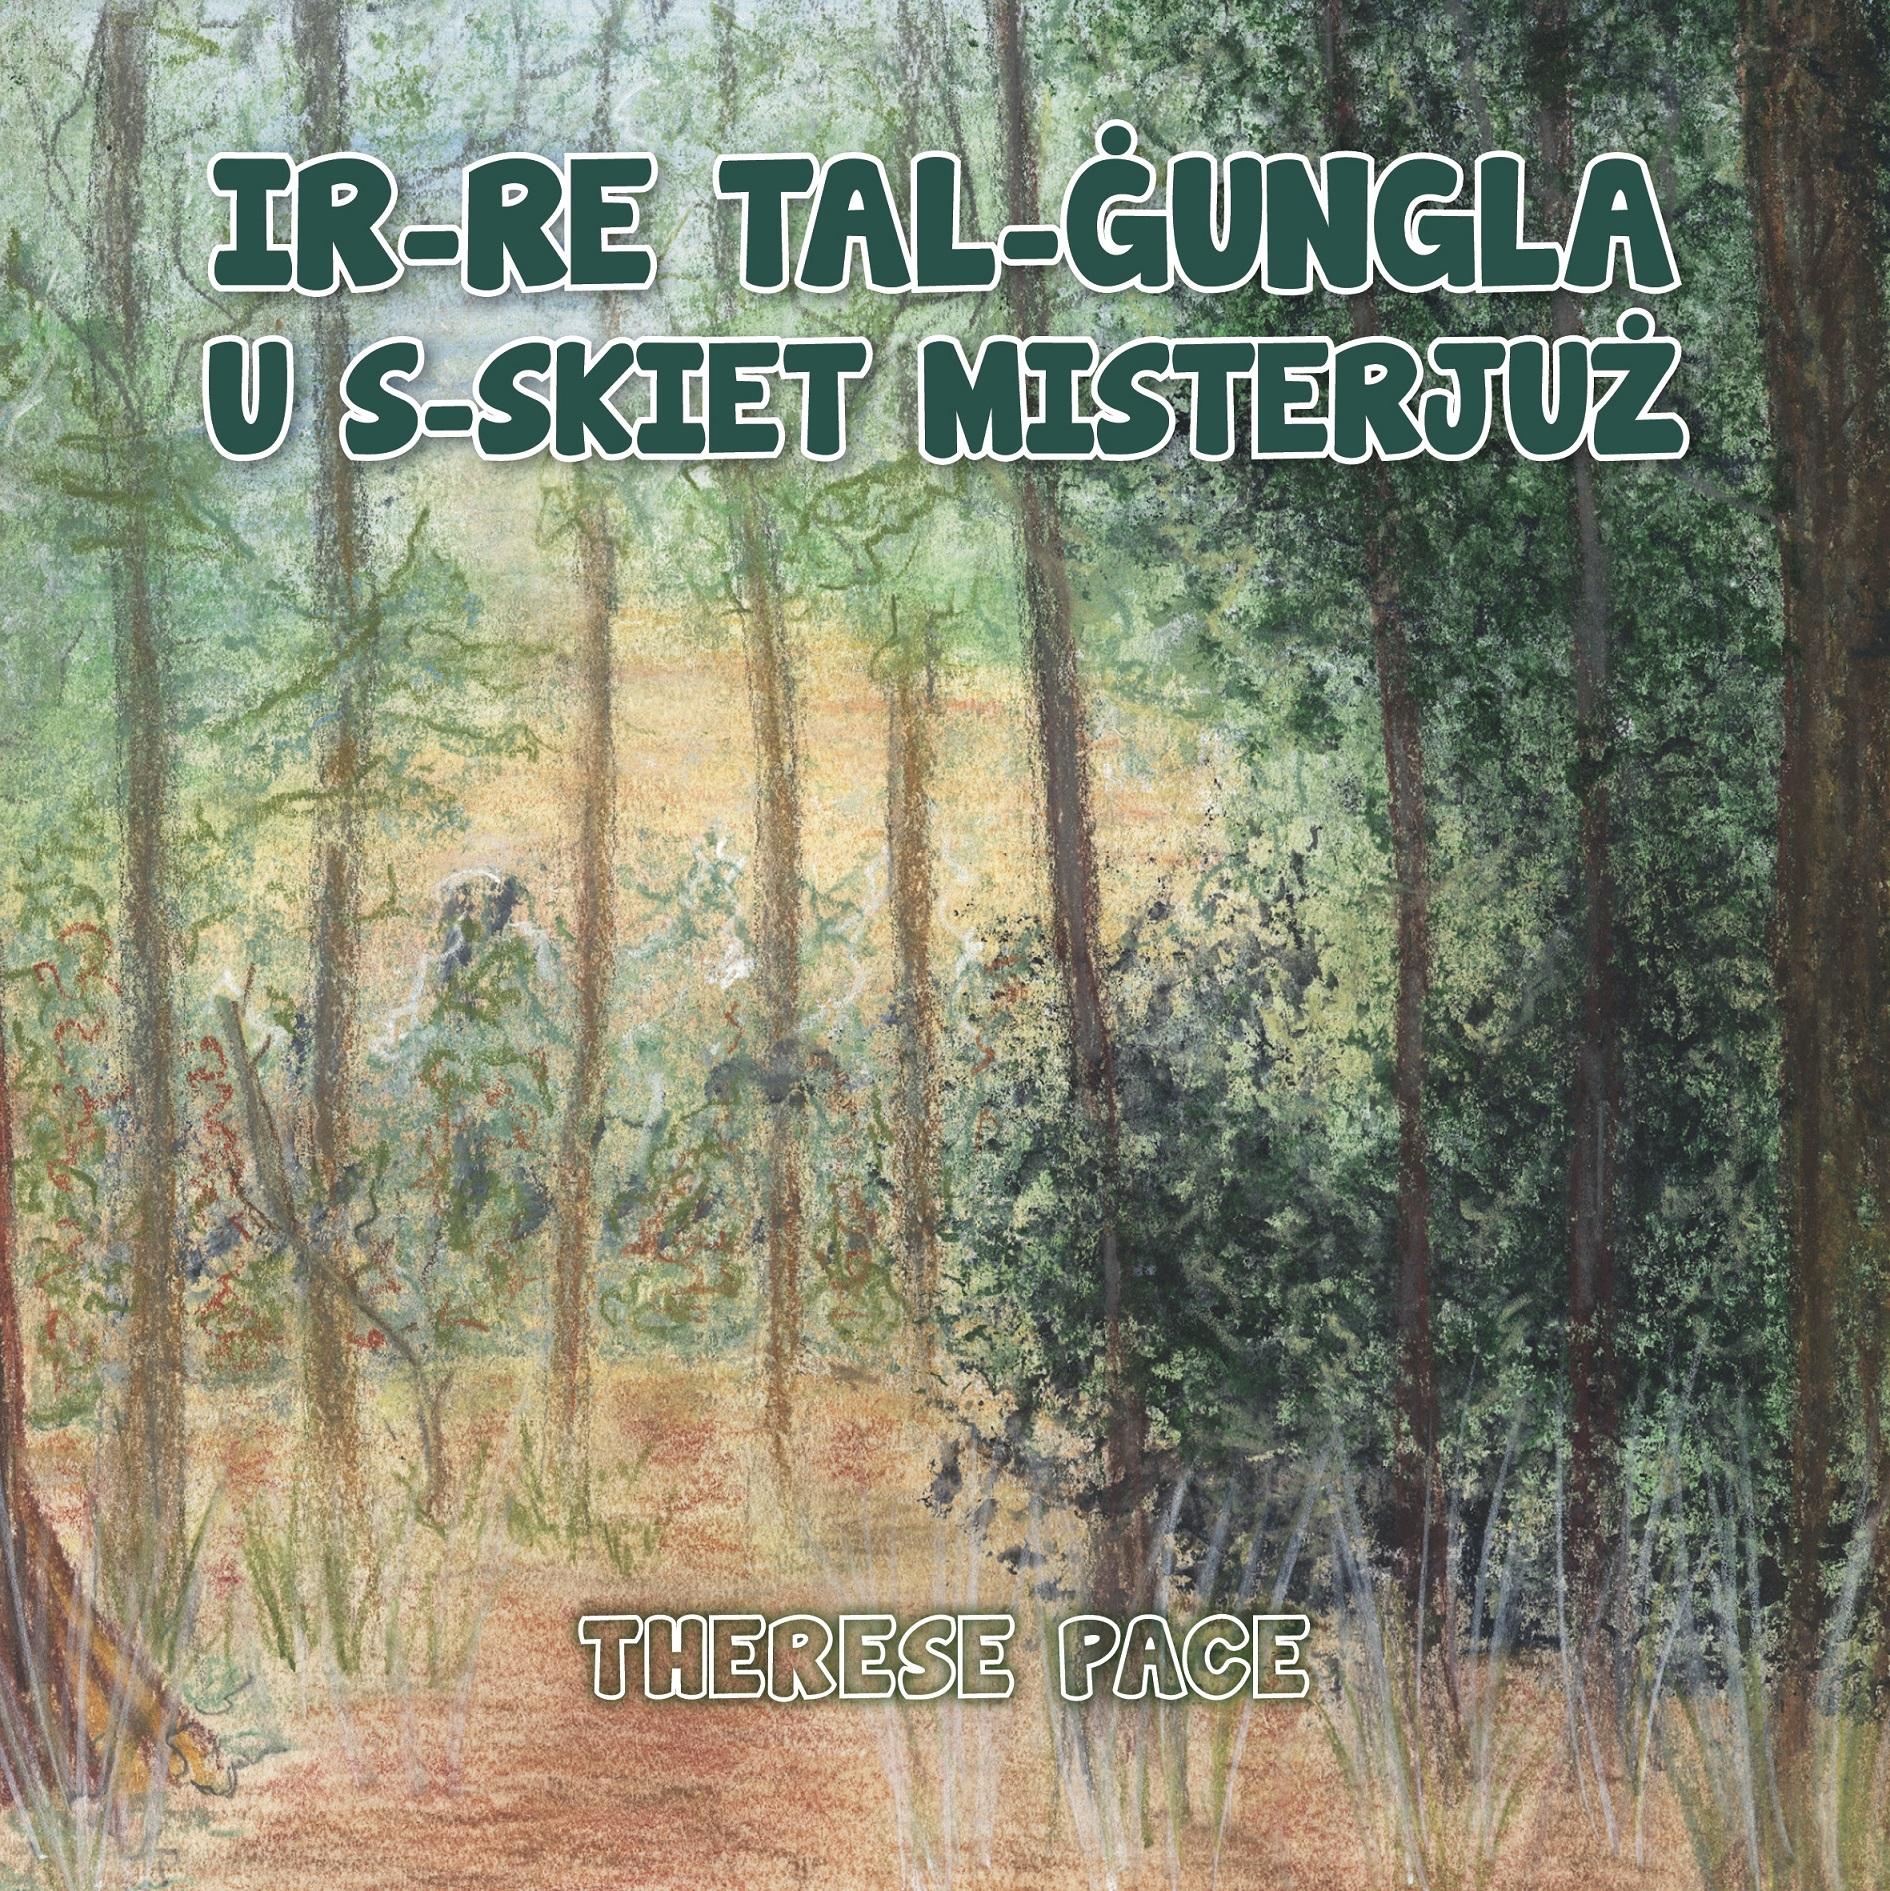 Ir-Re tal-Ġungla u s-Skiet Misterjuż